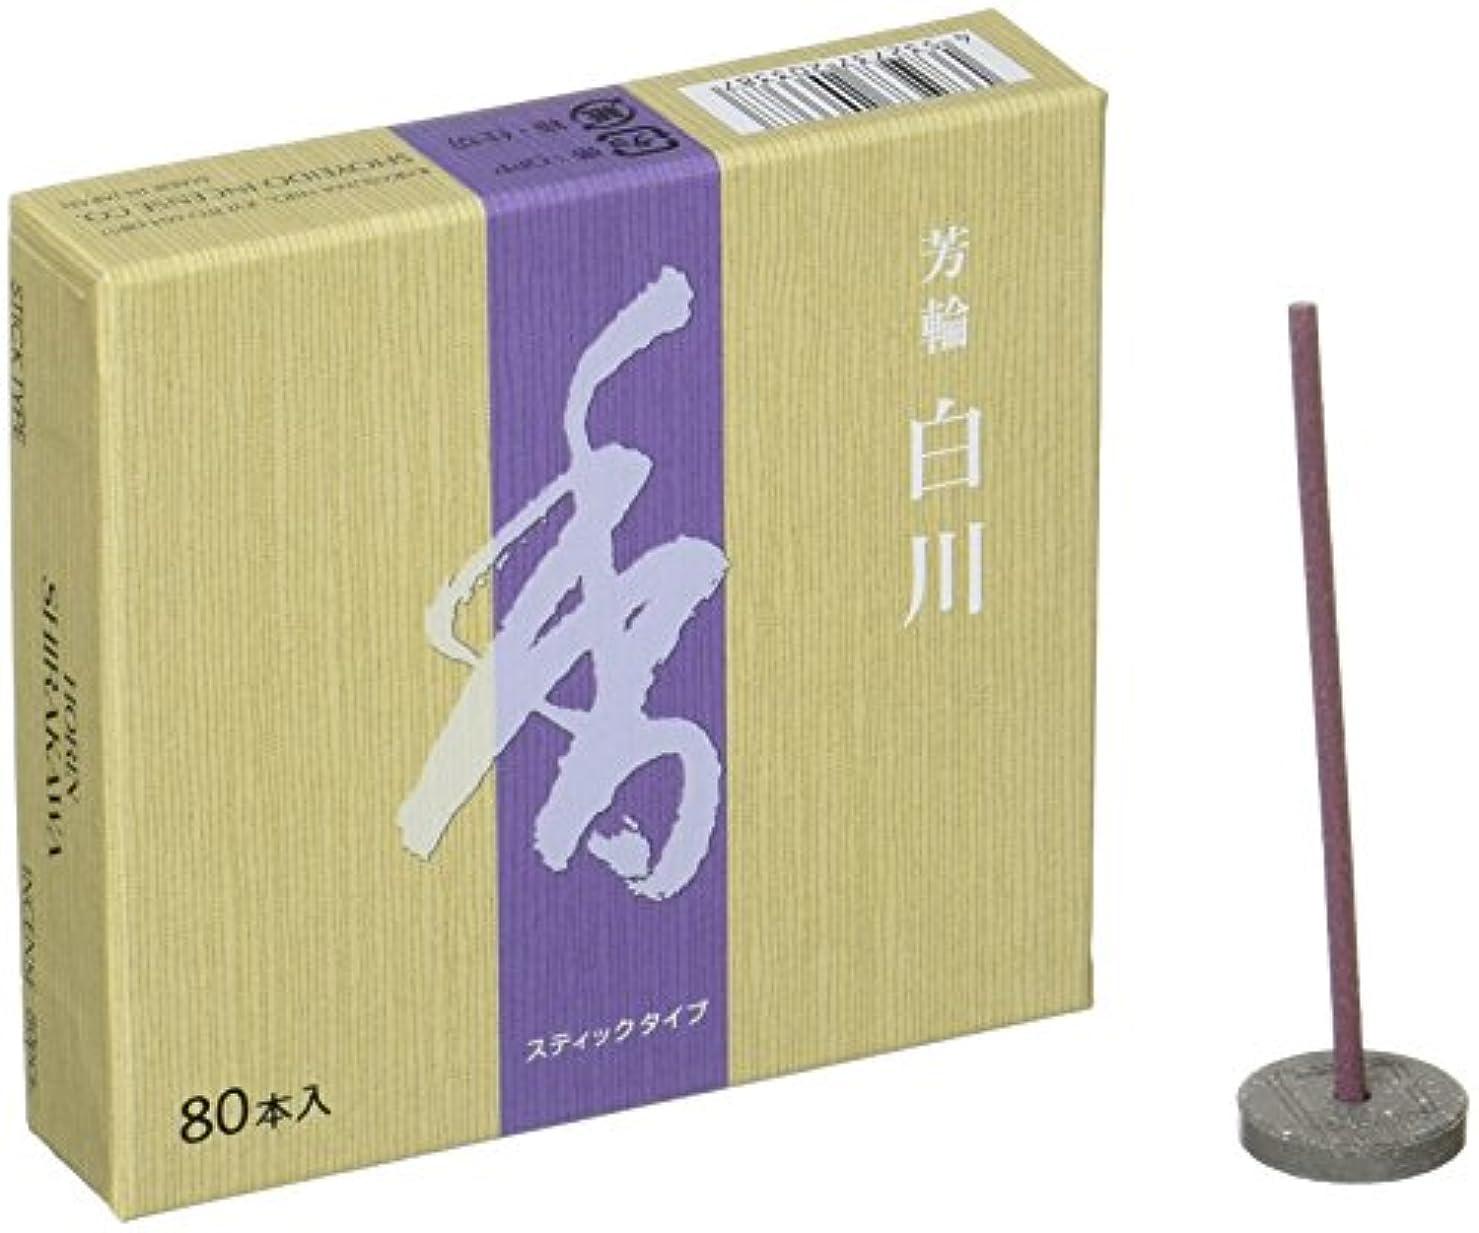 銅テーブルアグネスグレイ芳輪シリーズ 白川スティック80本入 83×90×22